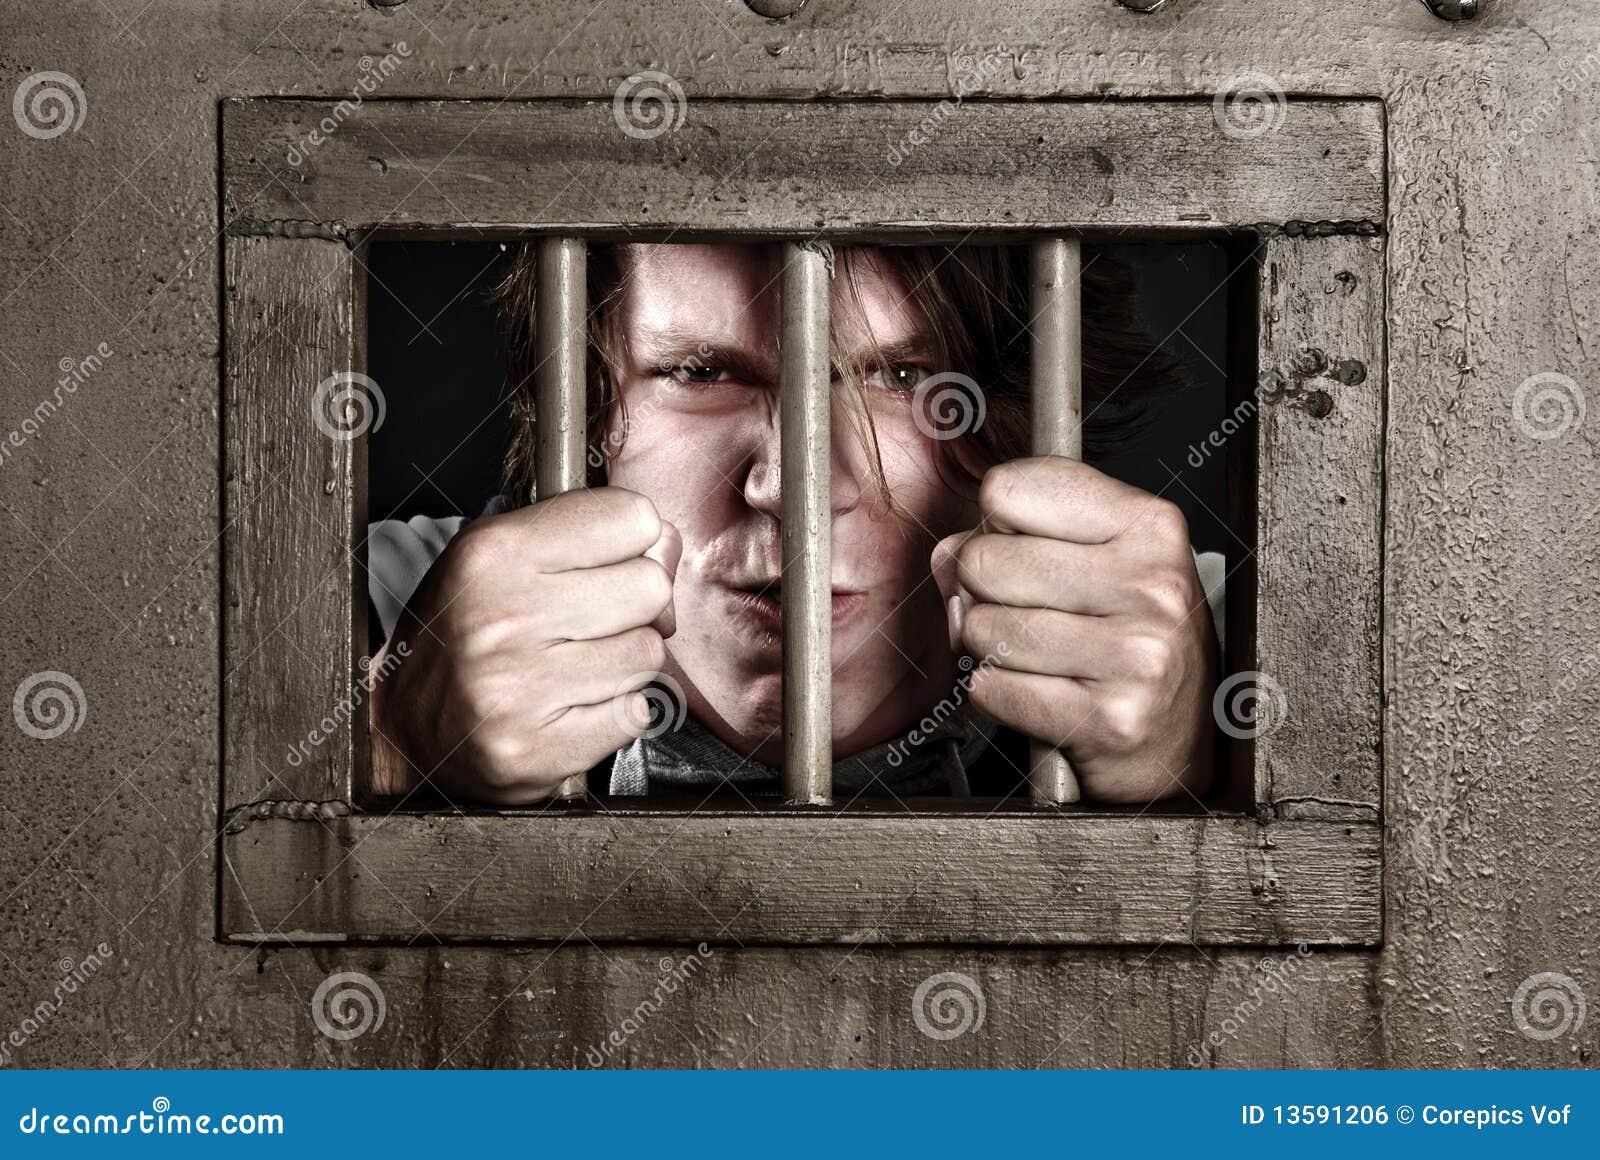 Транс в тюрьме 11 фотография